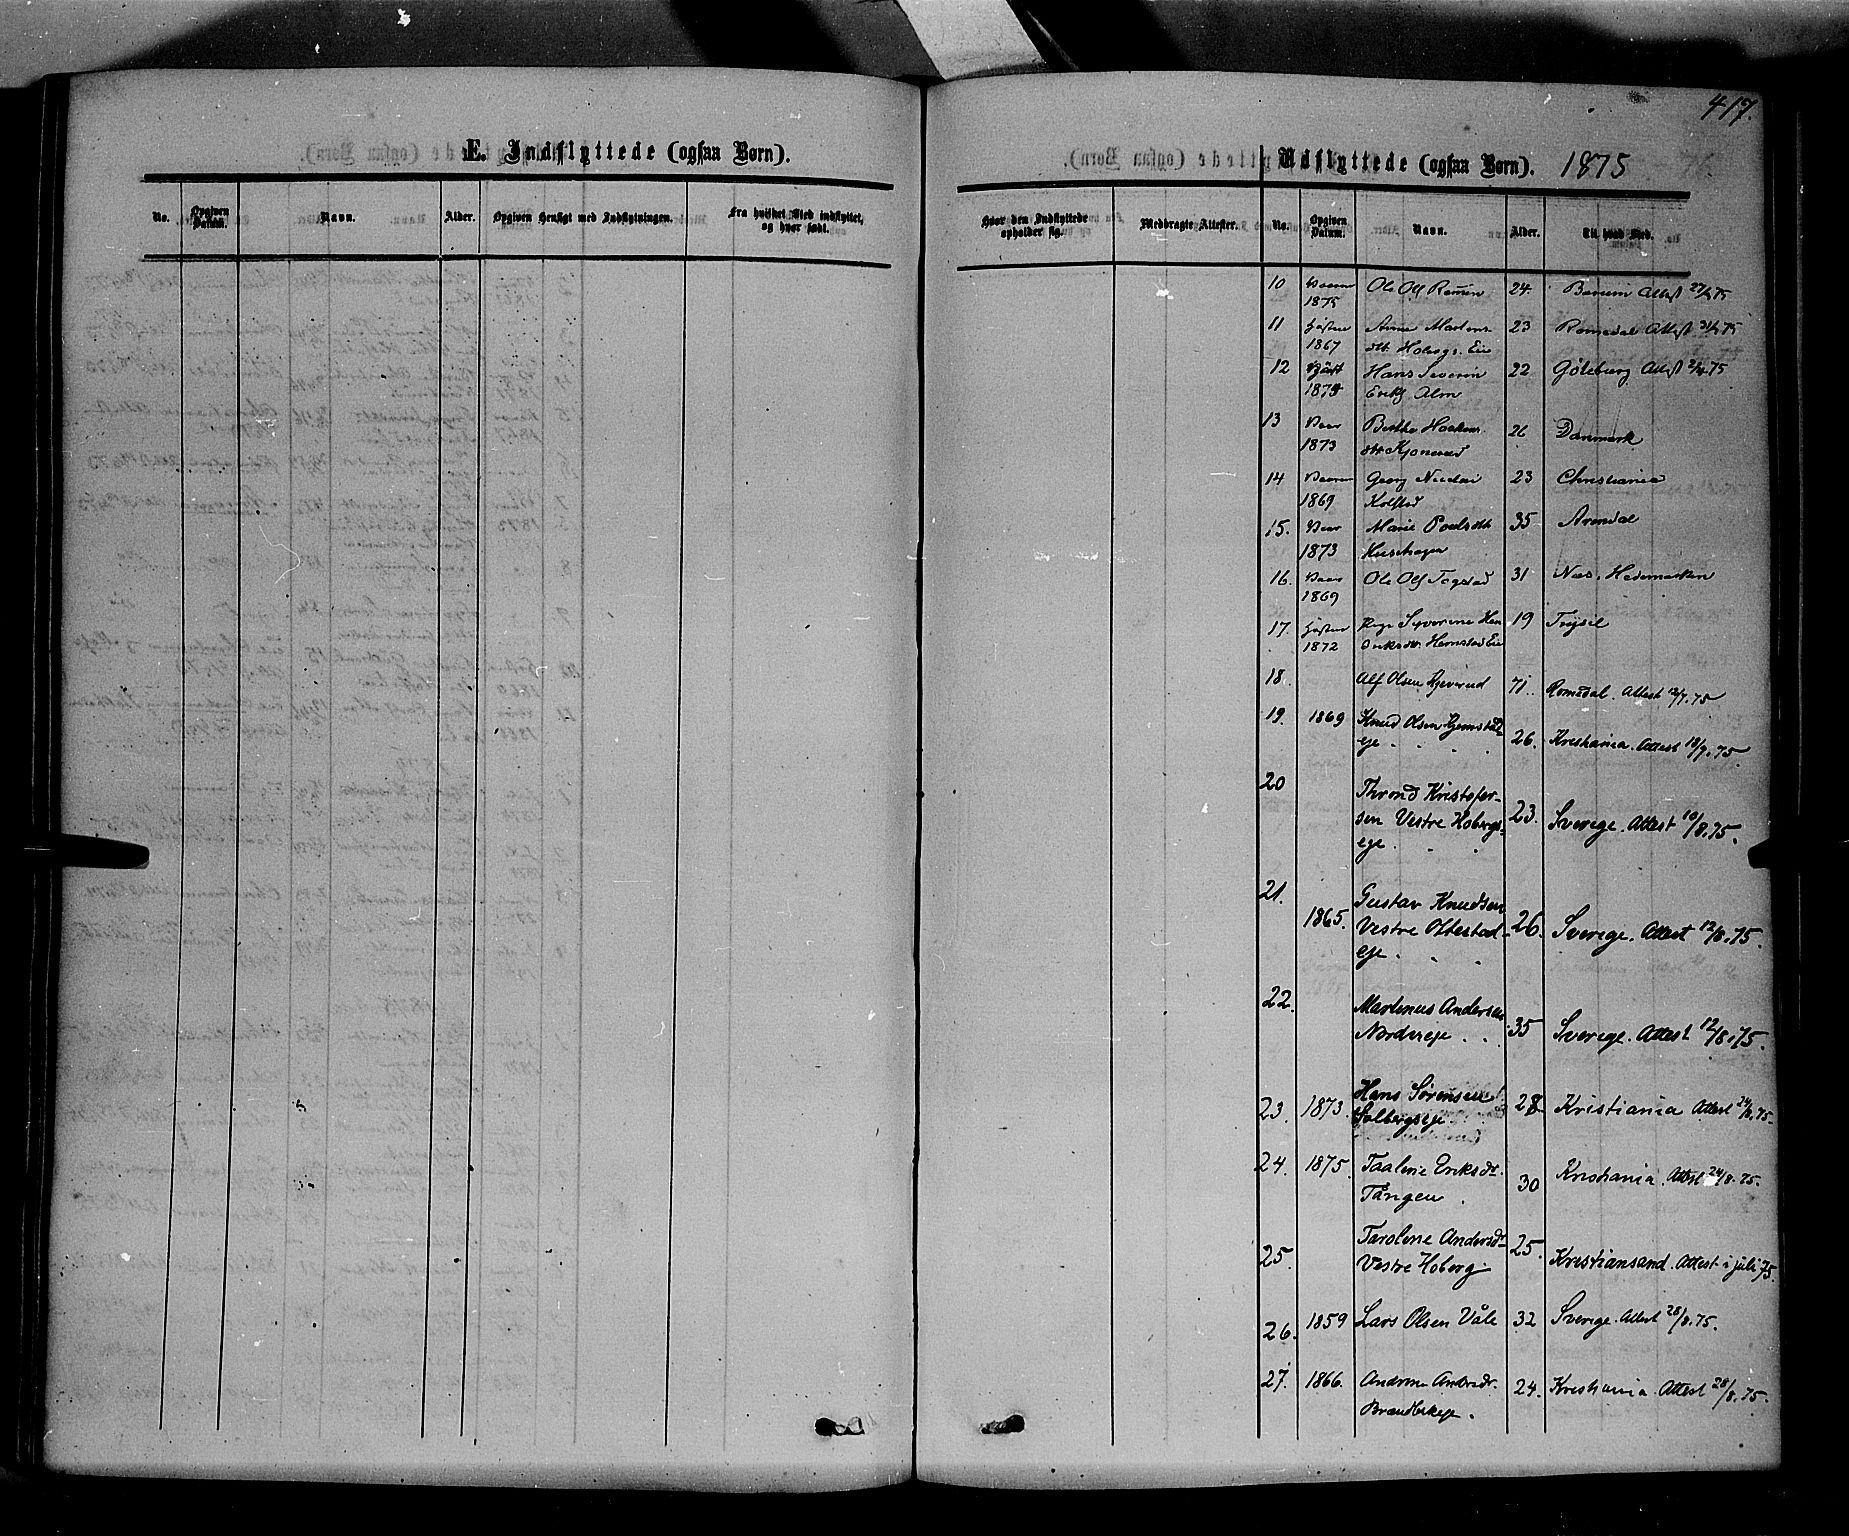 SAH, Stange prestekontor, K/L0013: Parish register (official) no. 13, 1862-1879, p. 417